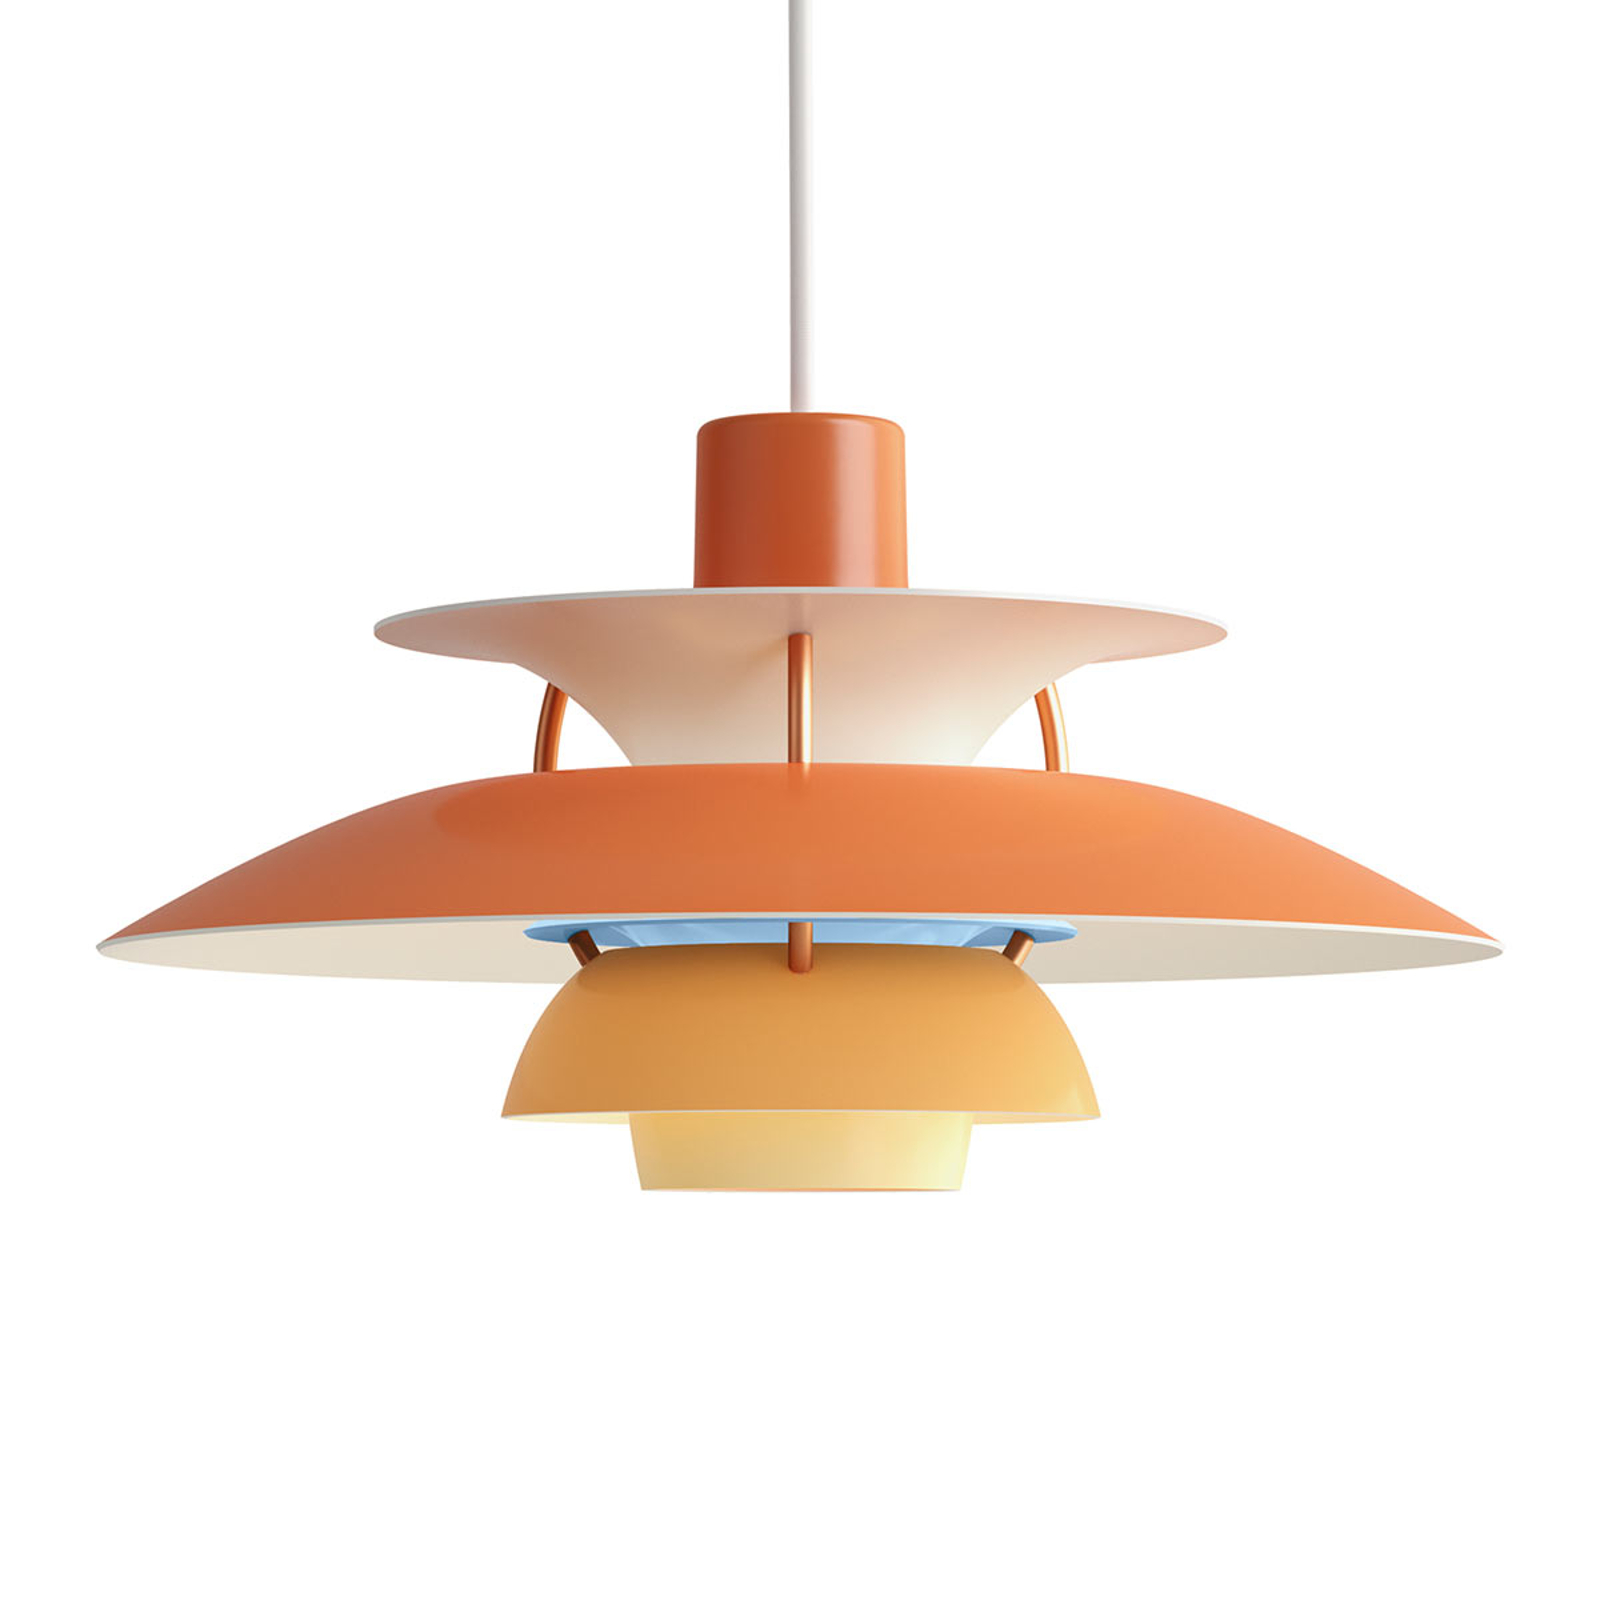 Louis Poulsen PH 5 Mini lampada arancio